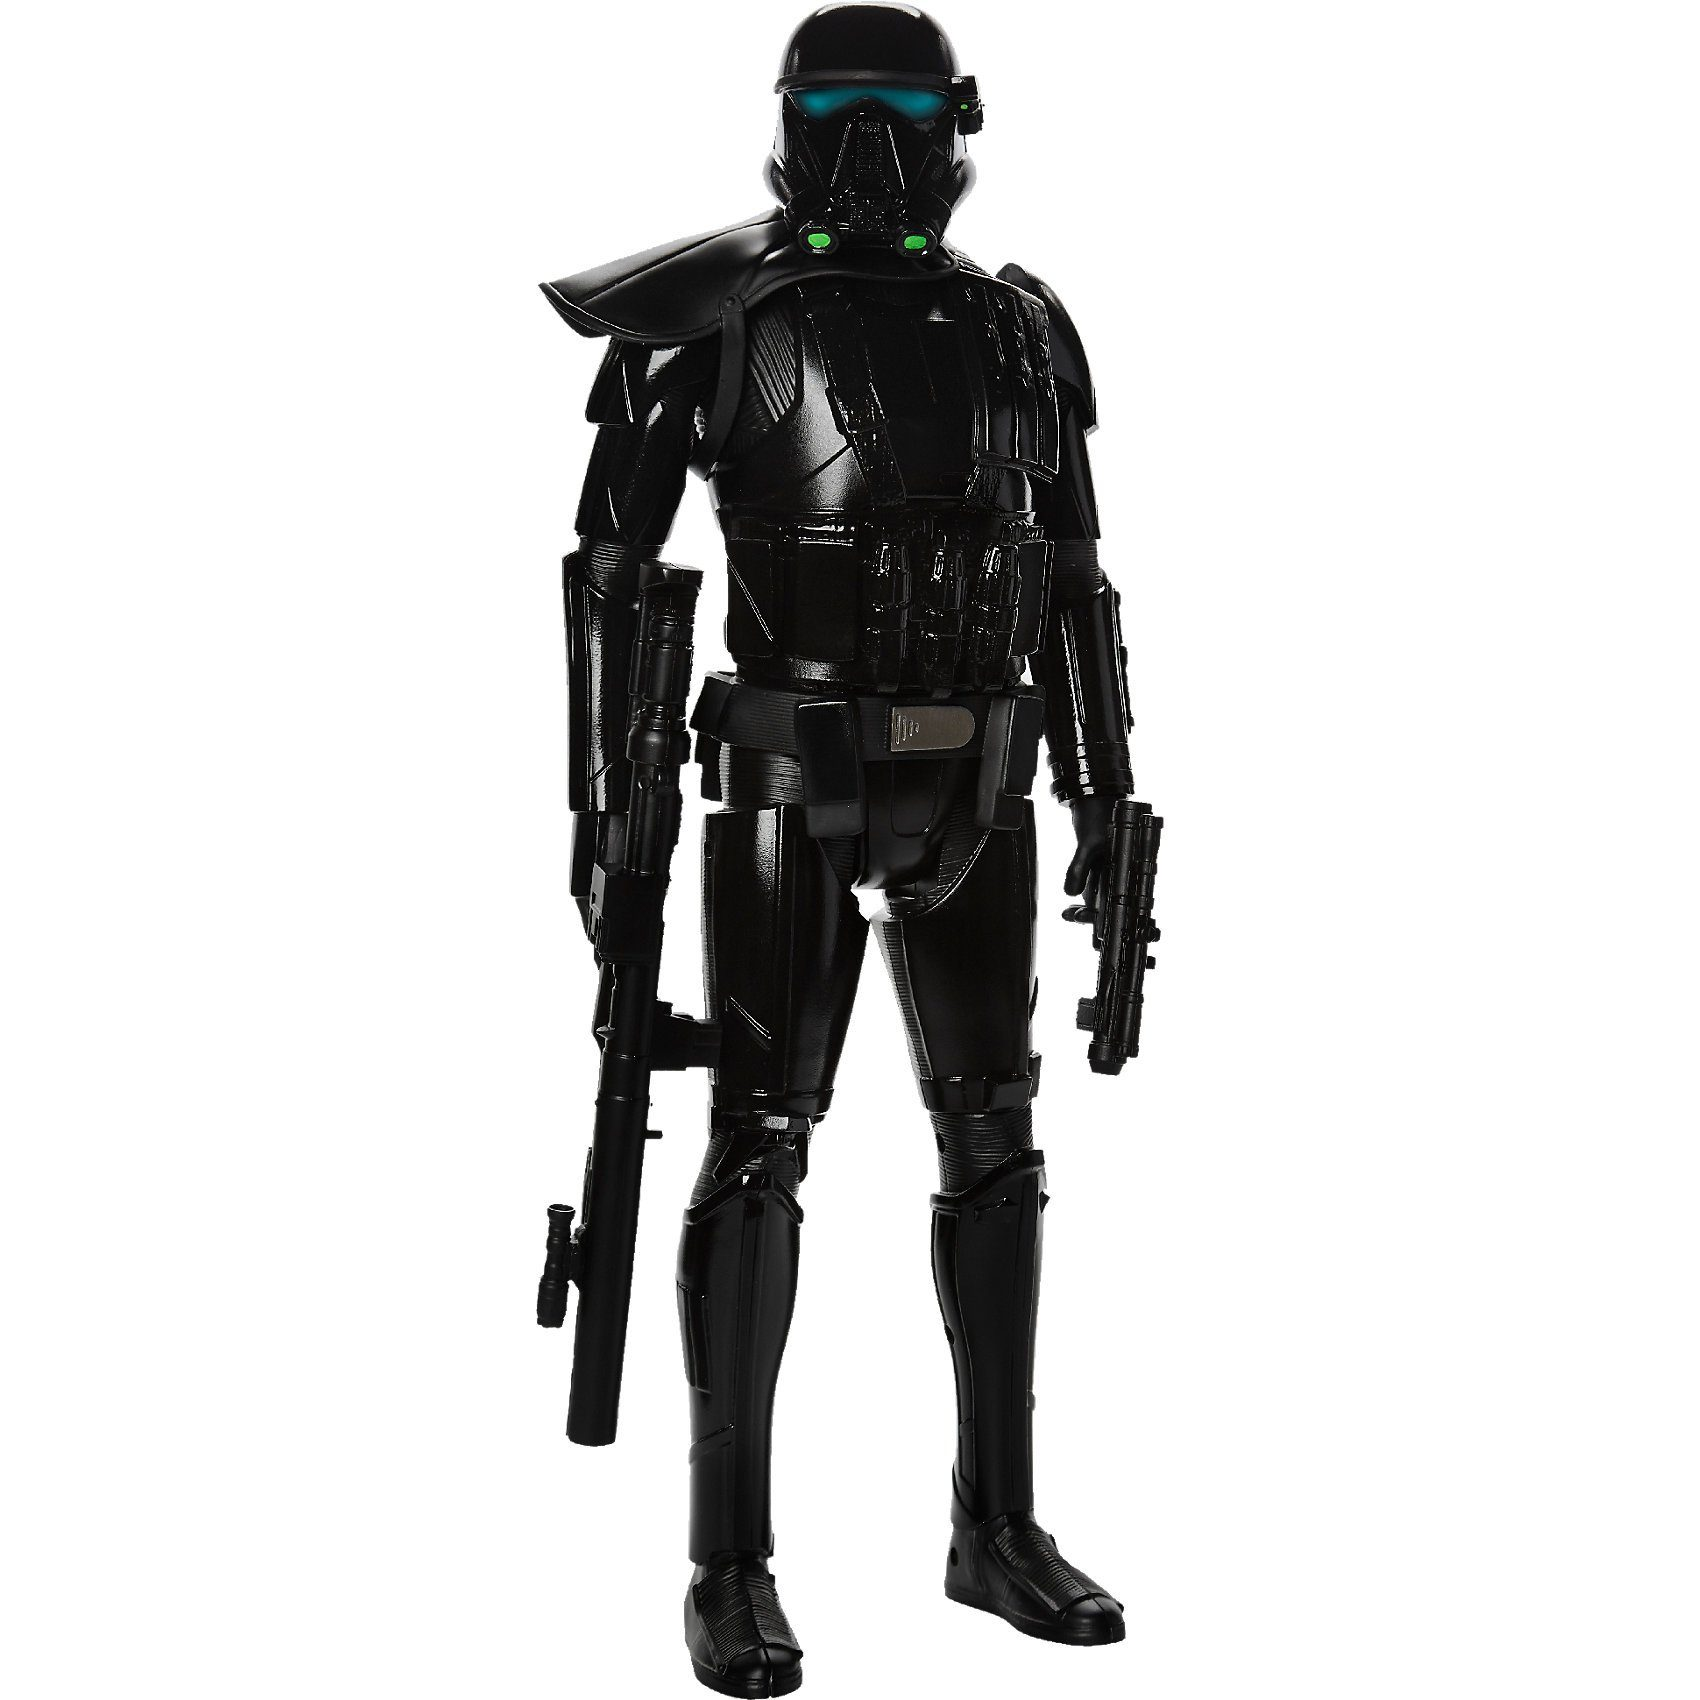 Jakks Pacific Star Wars Rogue one - Big Figs - Death Trooper, 50 cm